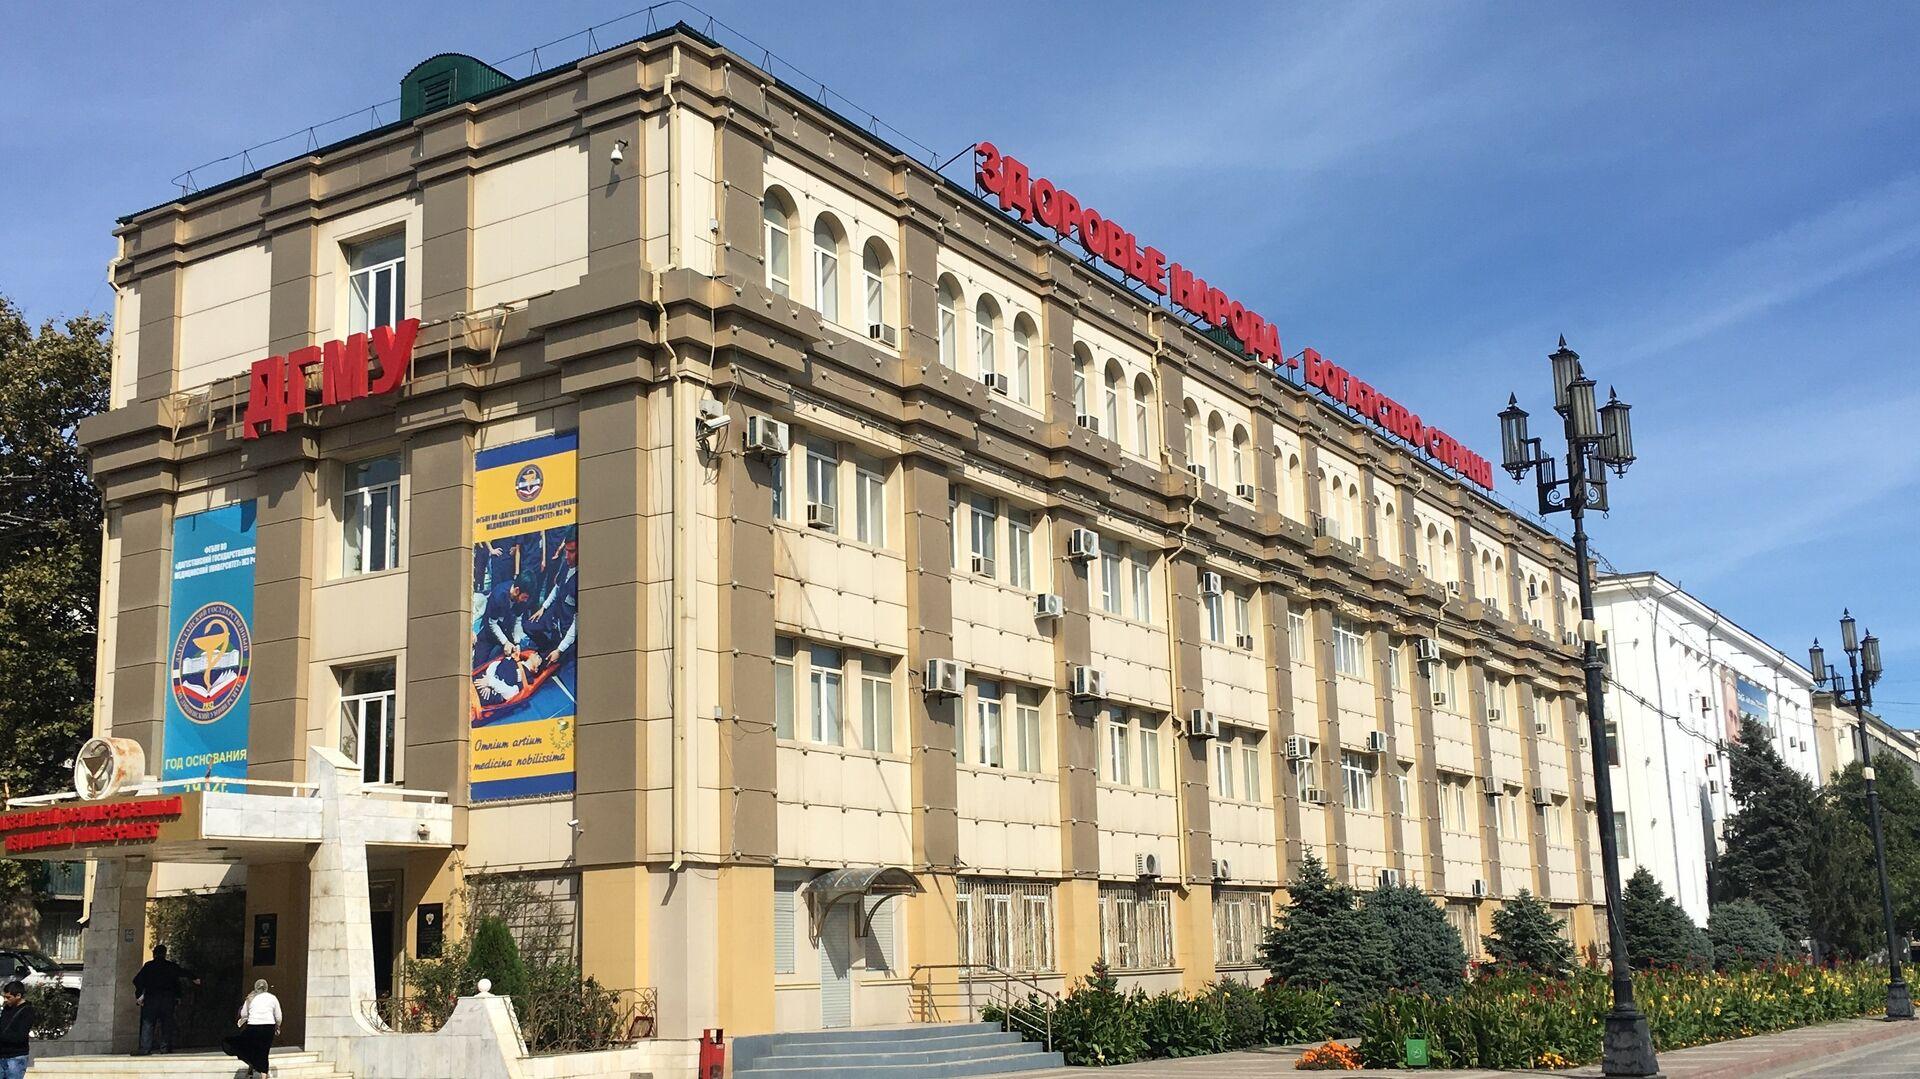 Источник рассказал об уголовном деле против ректора вуза в Дагестане